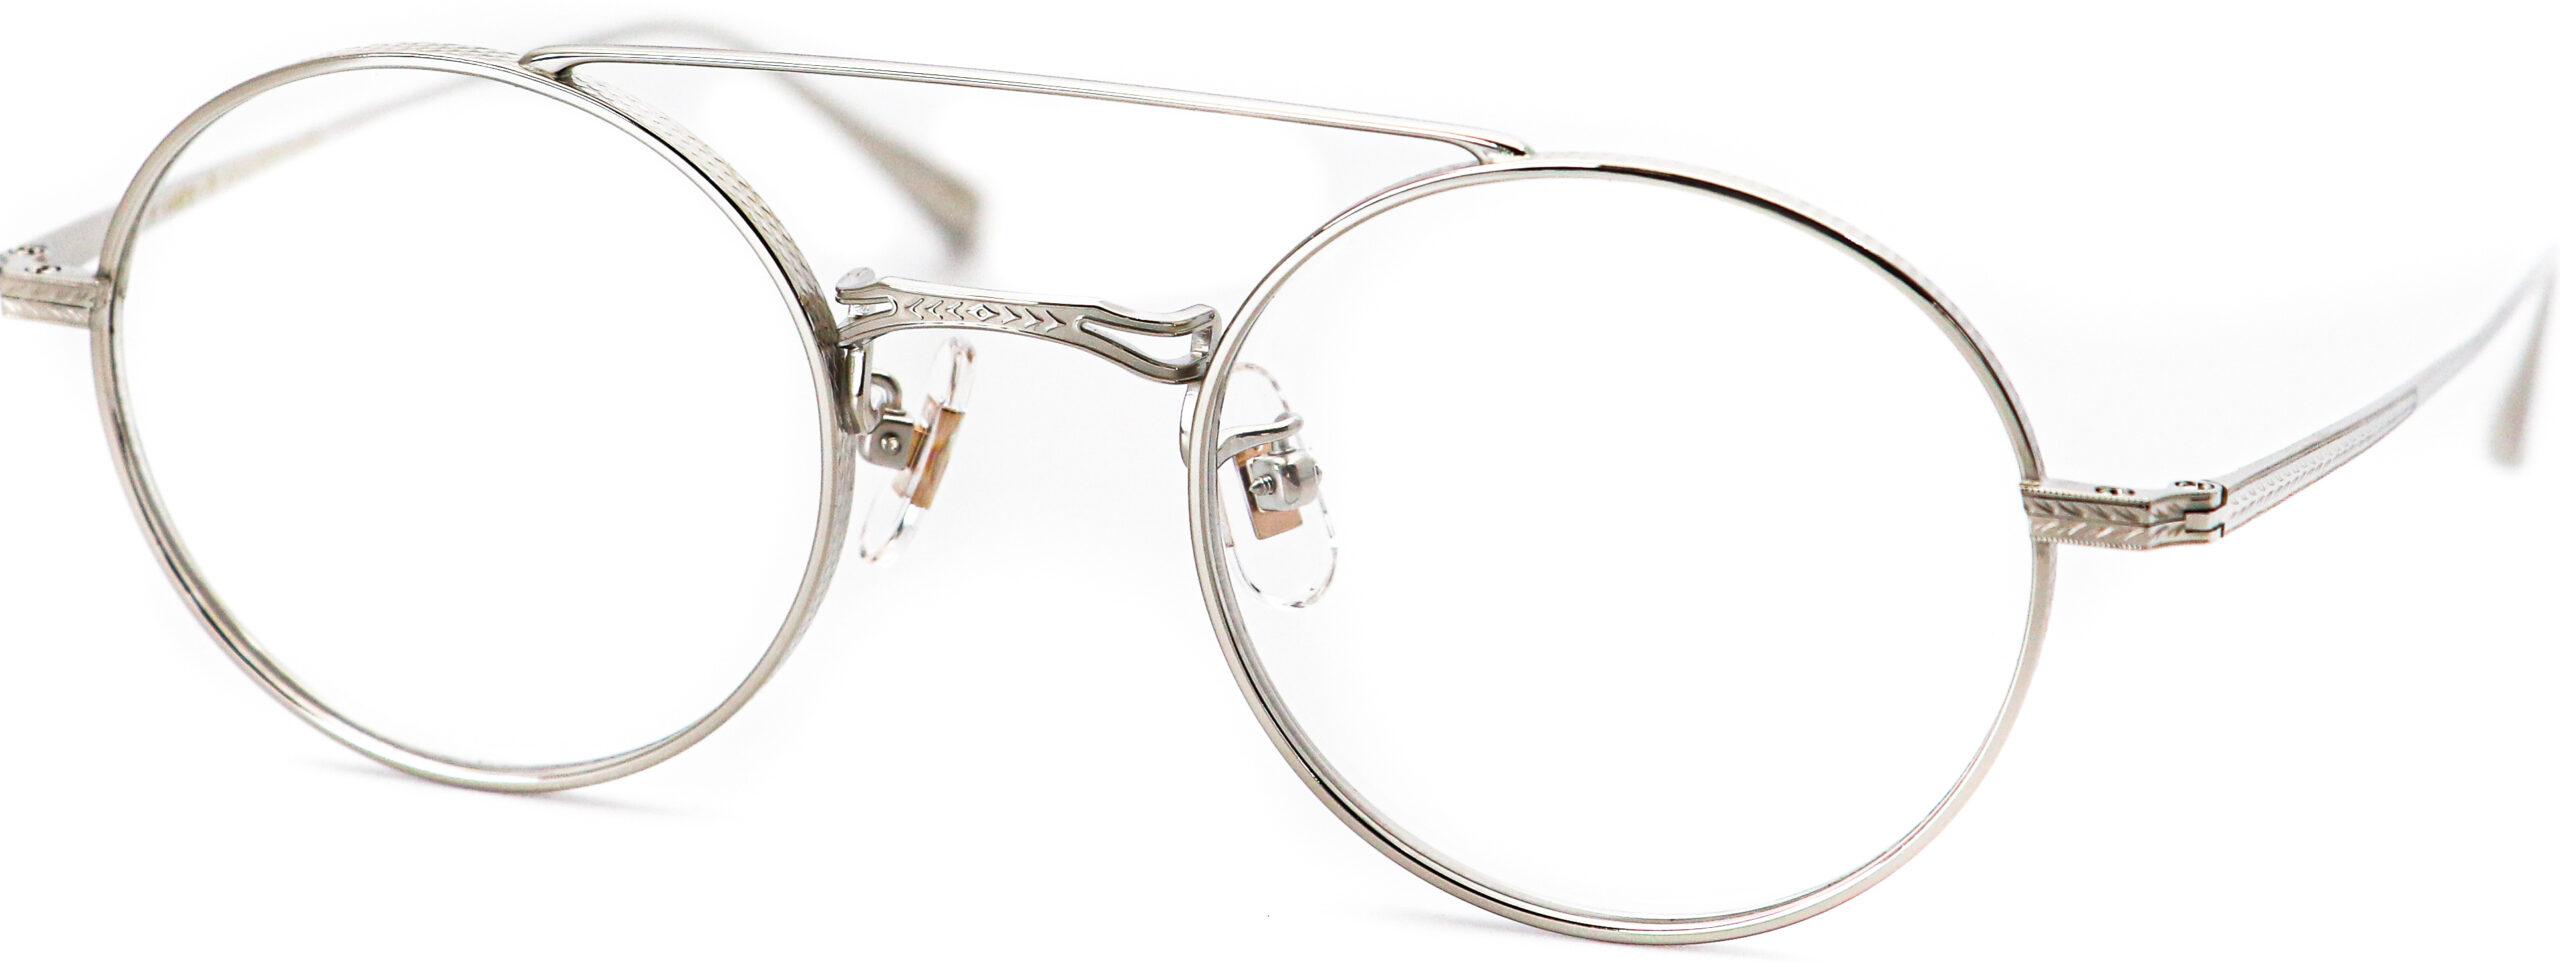 眼鏡のカラータイプC-4 Silver